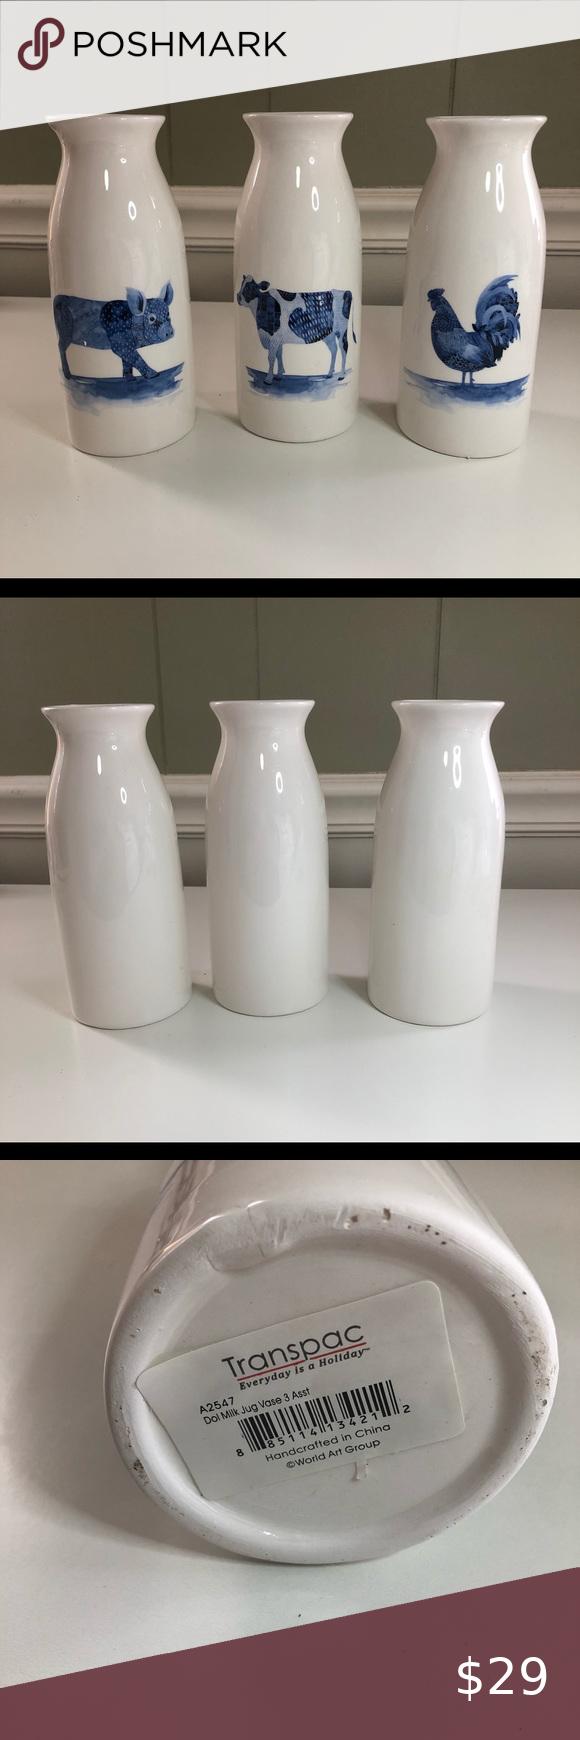 Farm Animals Country Milk Jug Vase 3 Piece Set in 2020